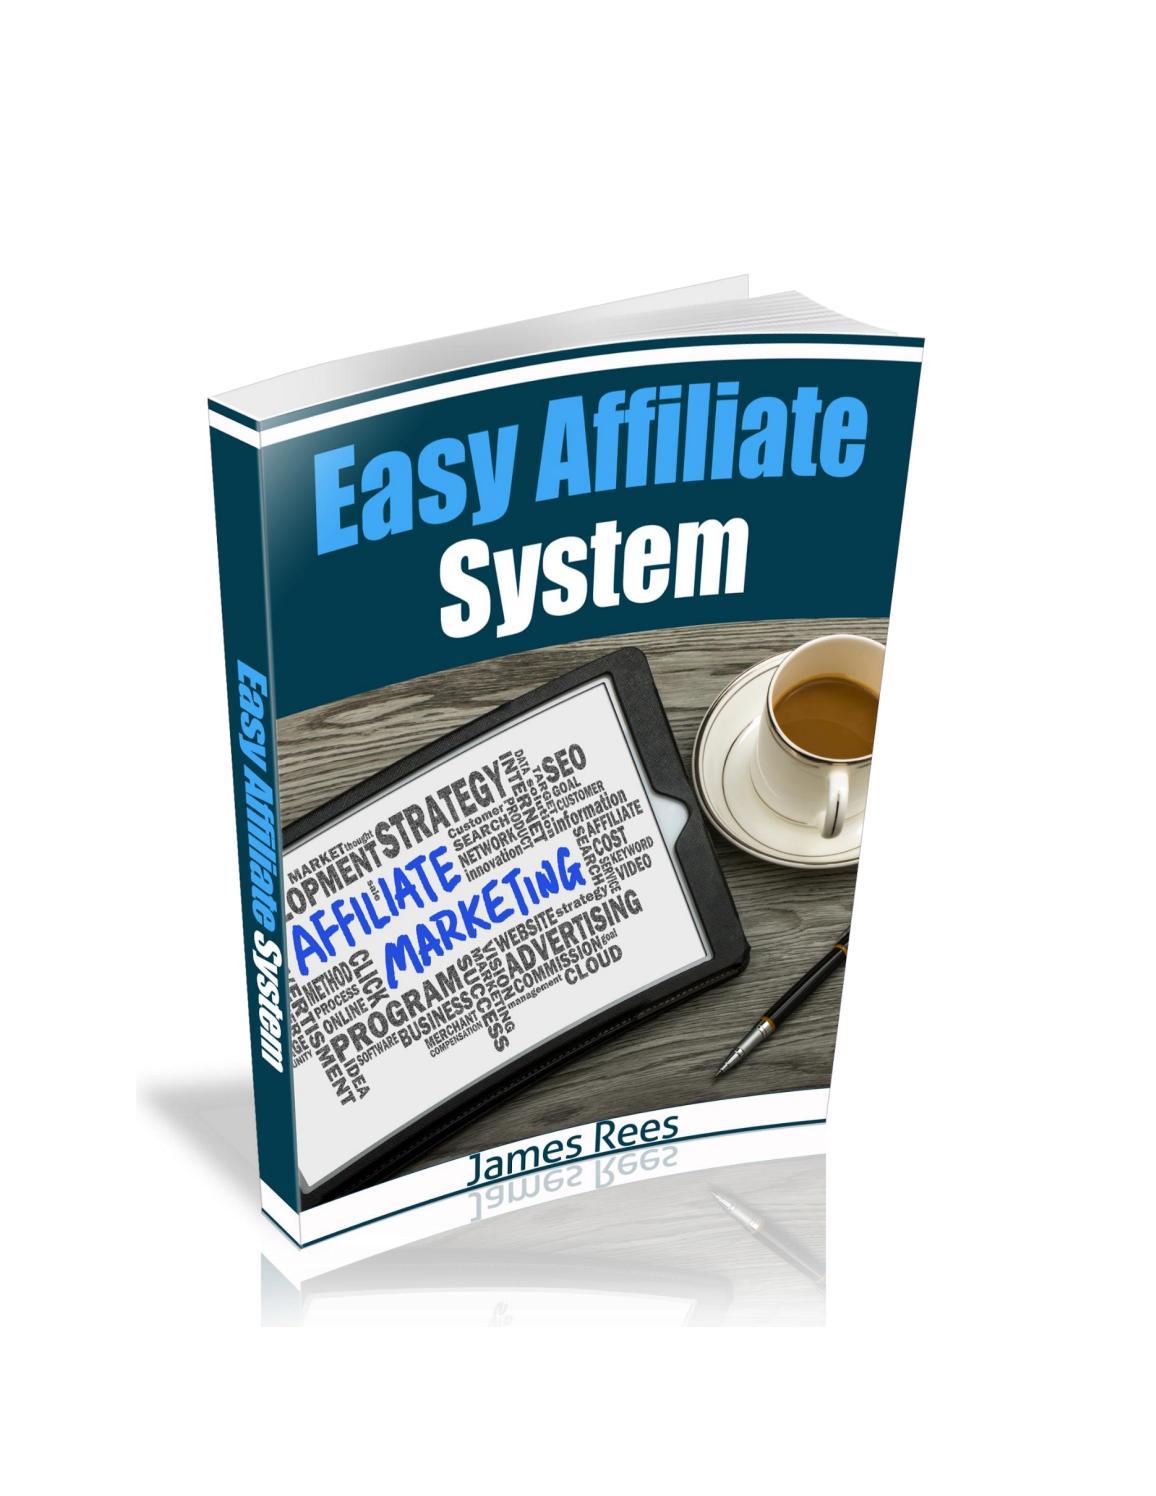 发现如何在48小时以内利用其他人工作而简单的赚取联署营销佣金(Easy Affiliate System)